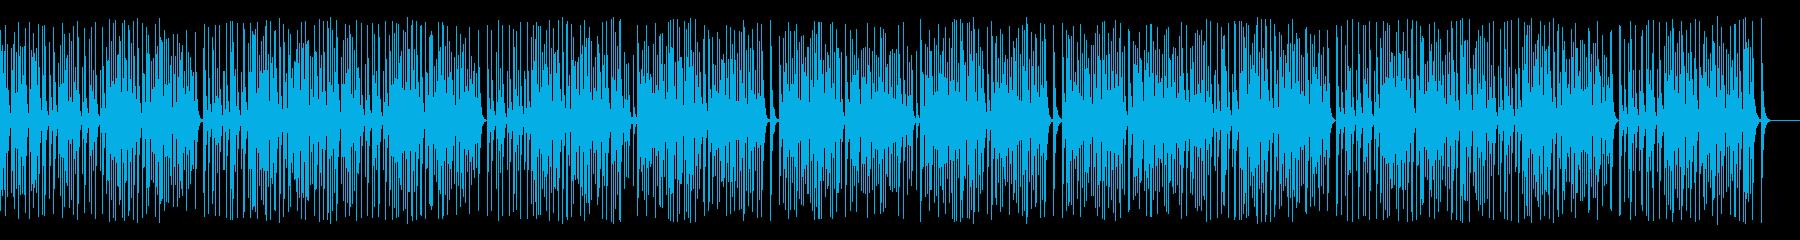 木琴がコミカルで可愛いレトロジャズ名曲の再生済みの波形